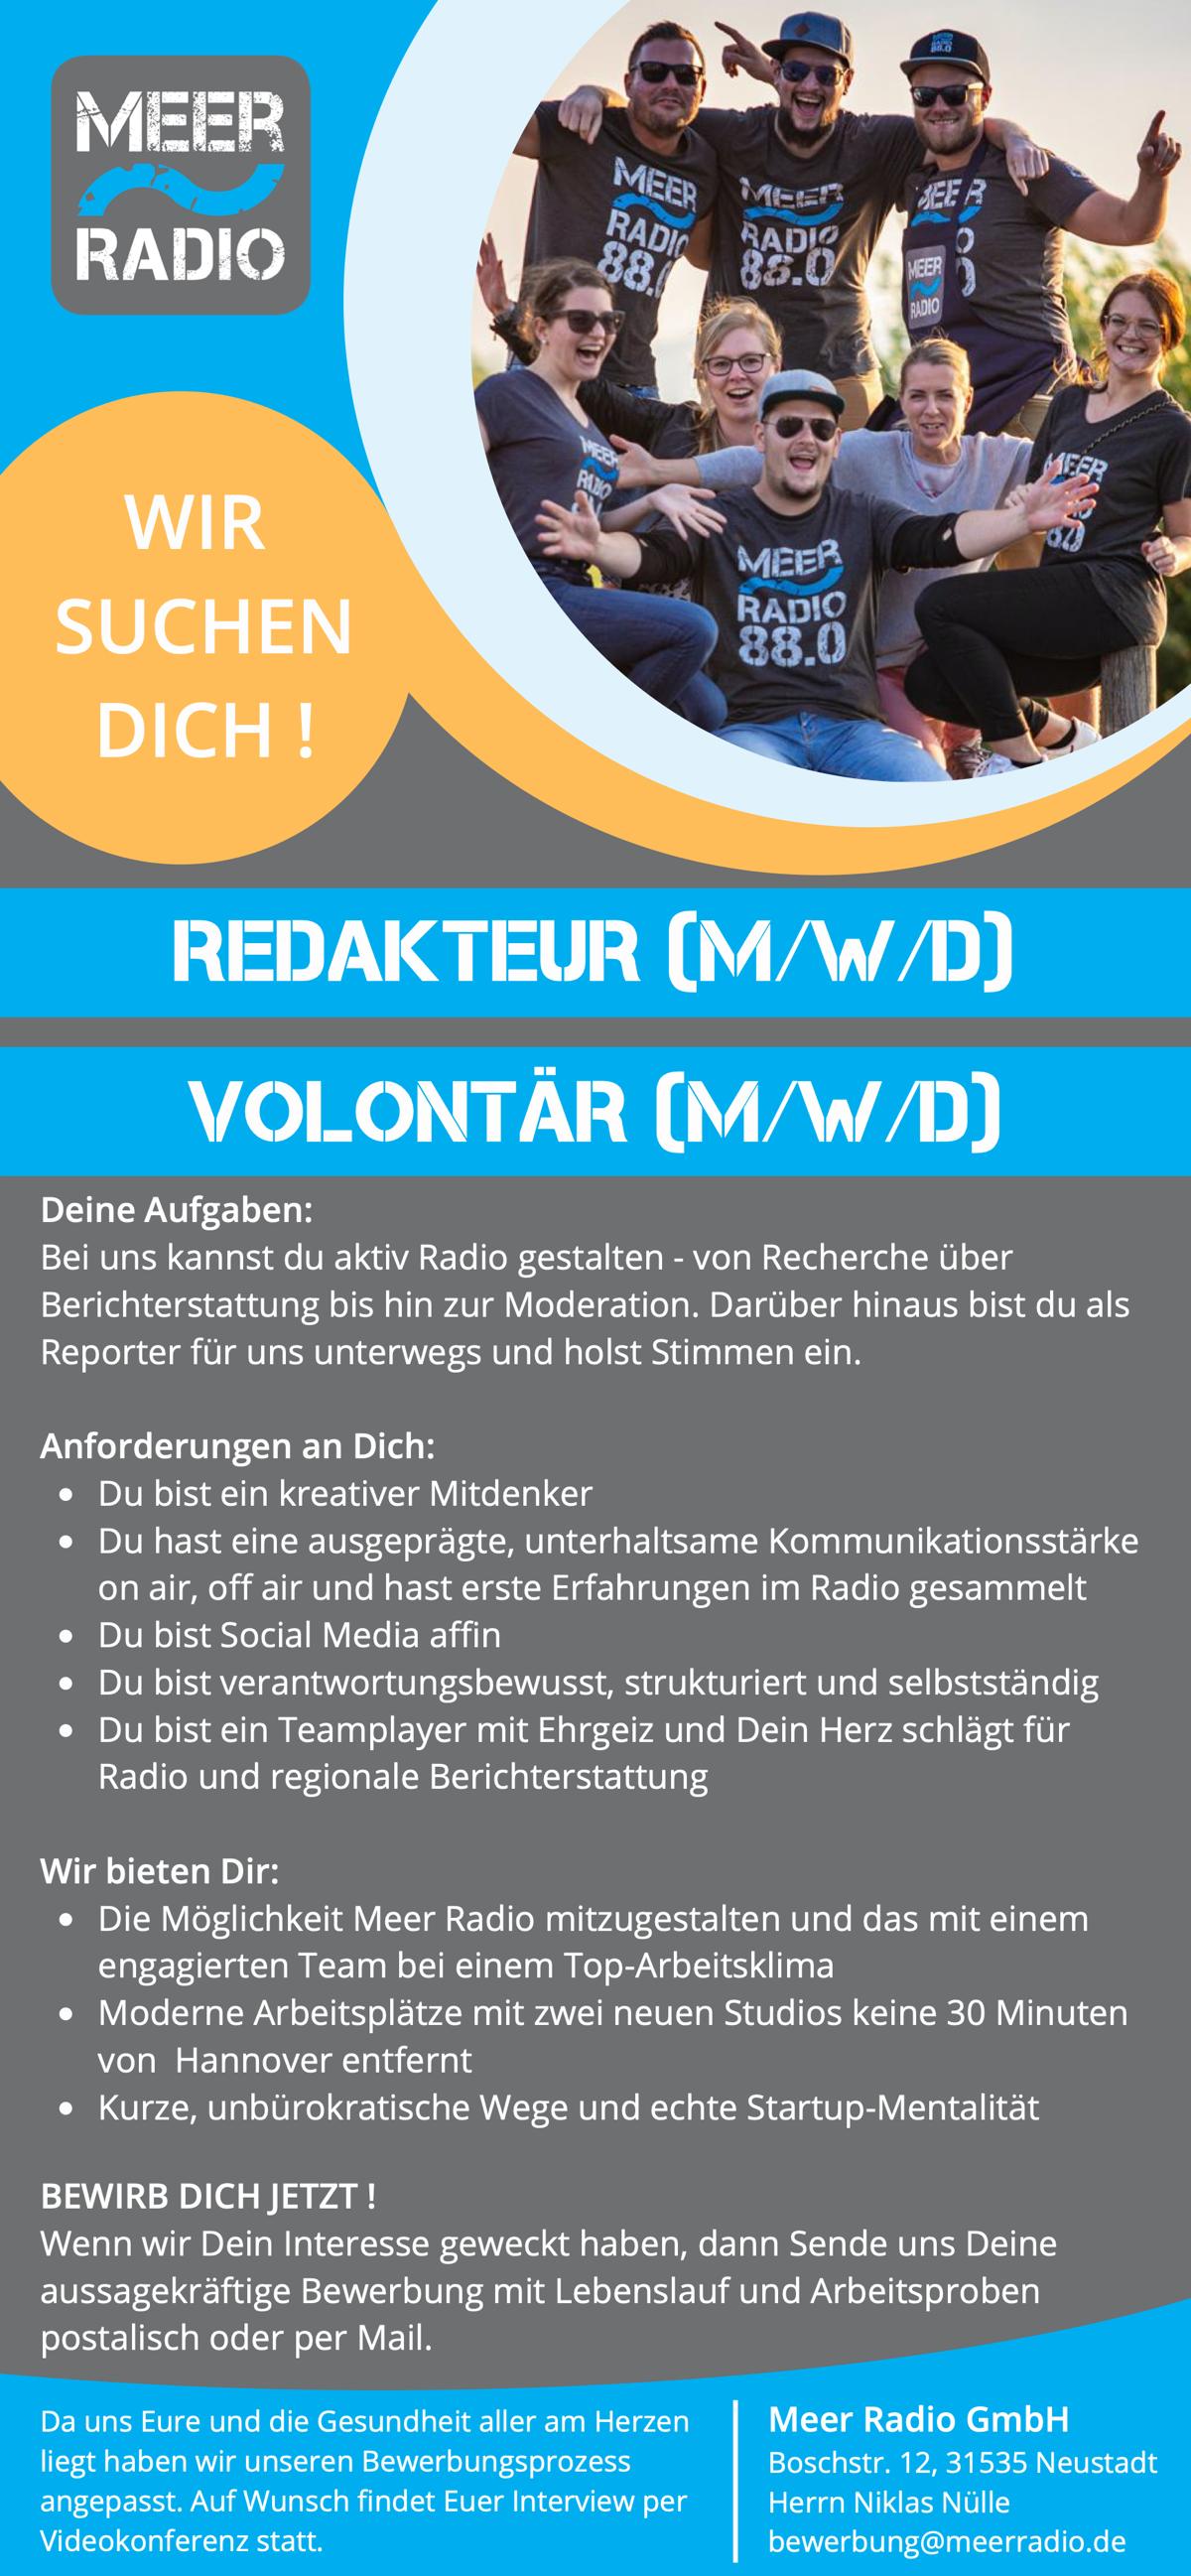 MEER RADIO sucht Redakteur (m/w/d)